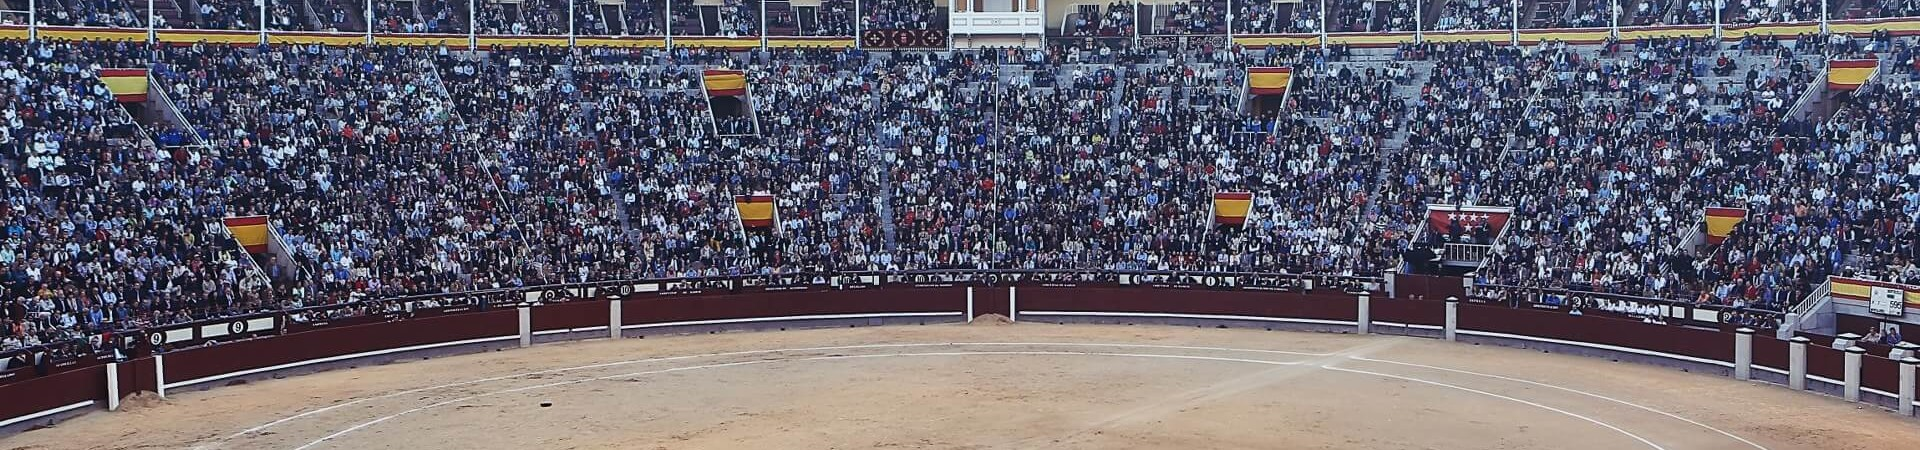 corrida w Hiszpanii (1)